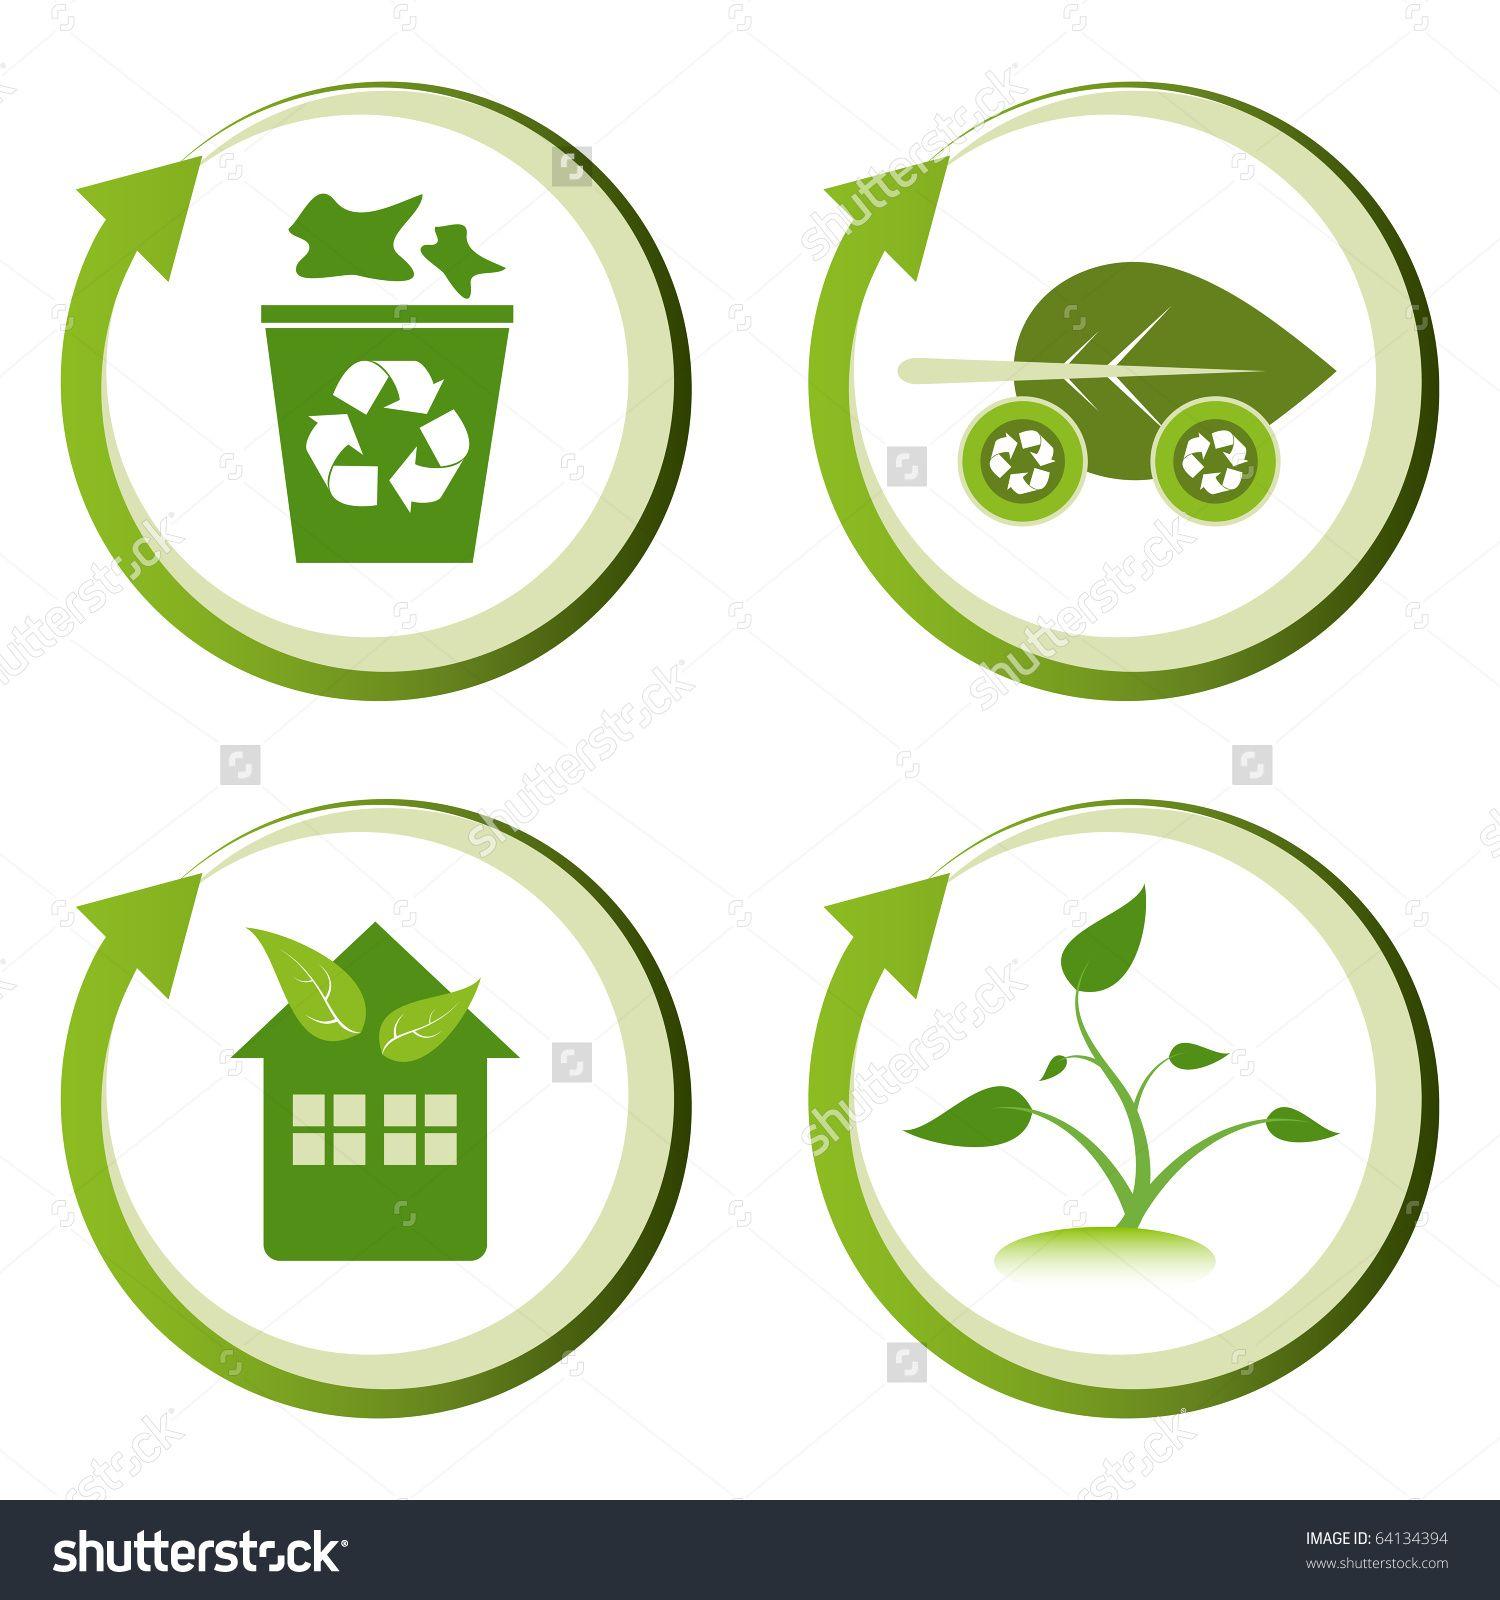 Pildiotsingu recycle eco clip art tulemus